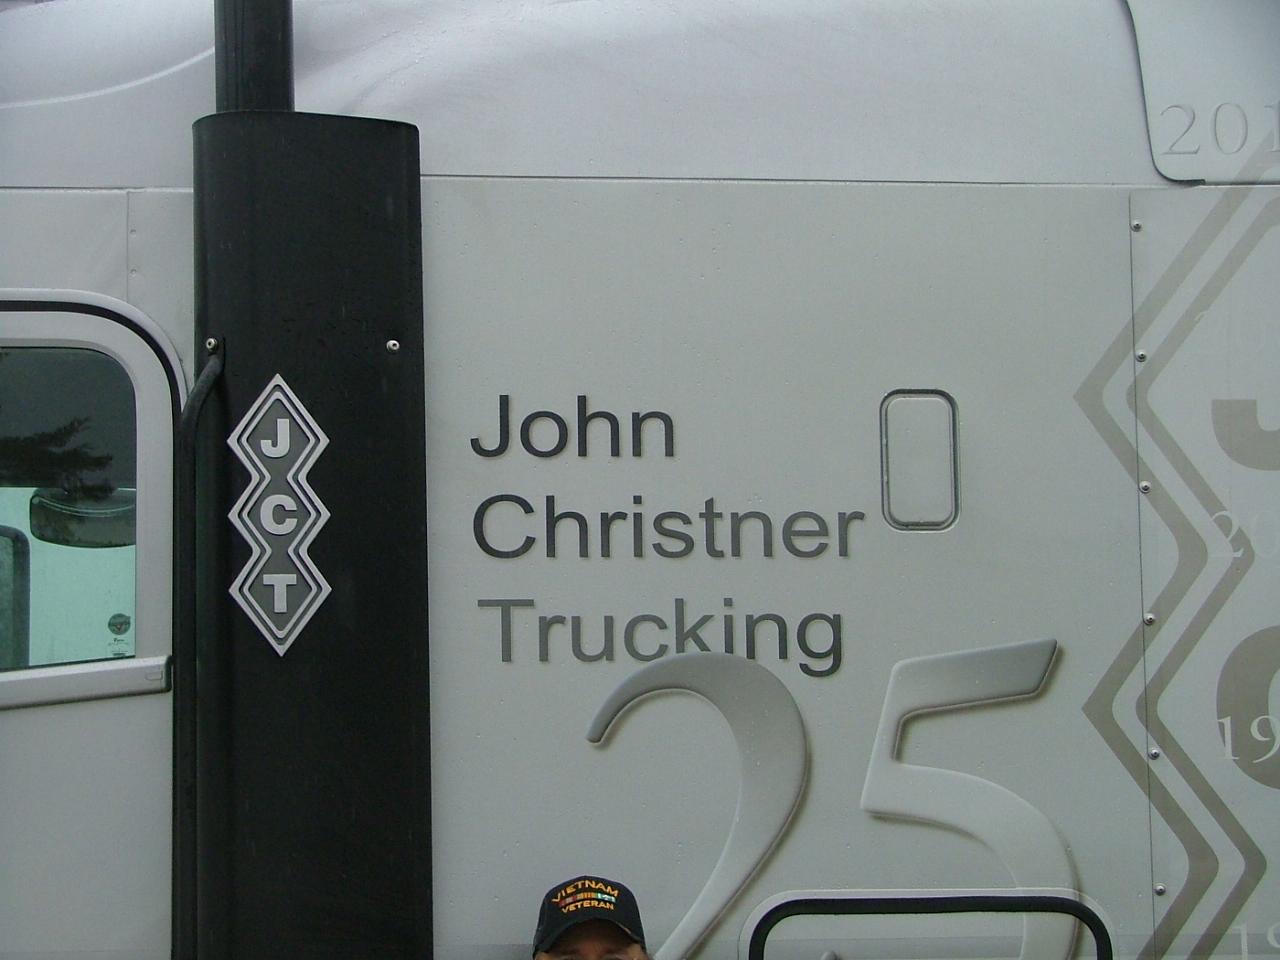 JOHN CHRISTNER TRUCKING.JPG